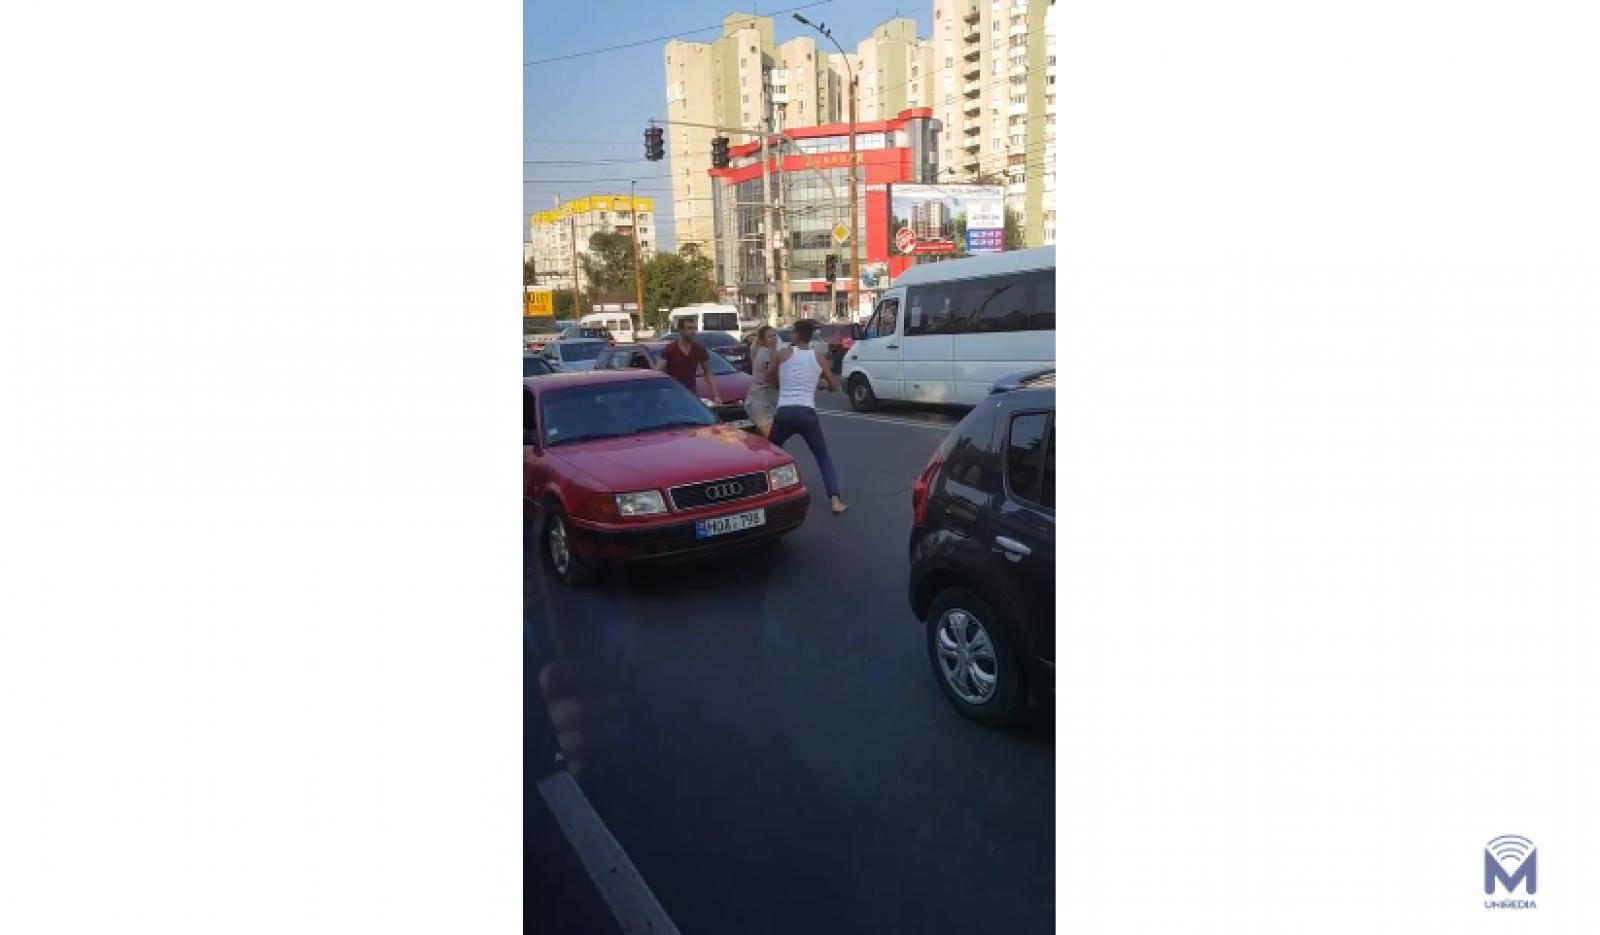 (video) Reglări de conturi cu pumnii: Doi șoferi s-au luat la bătaie în plină stradă pe strada Ismail